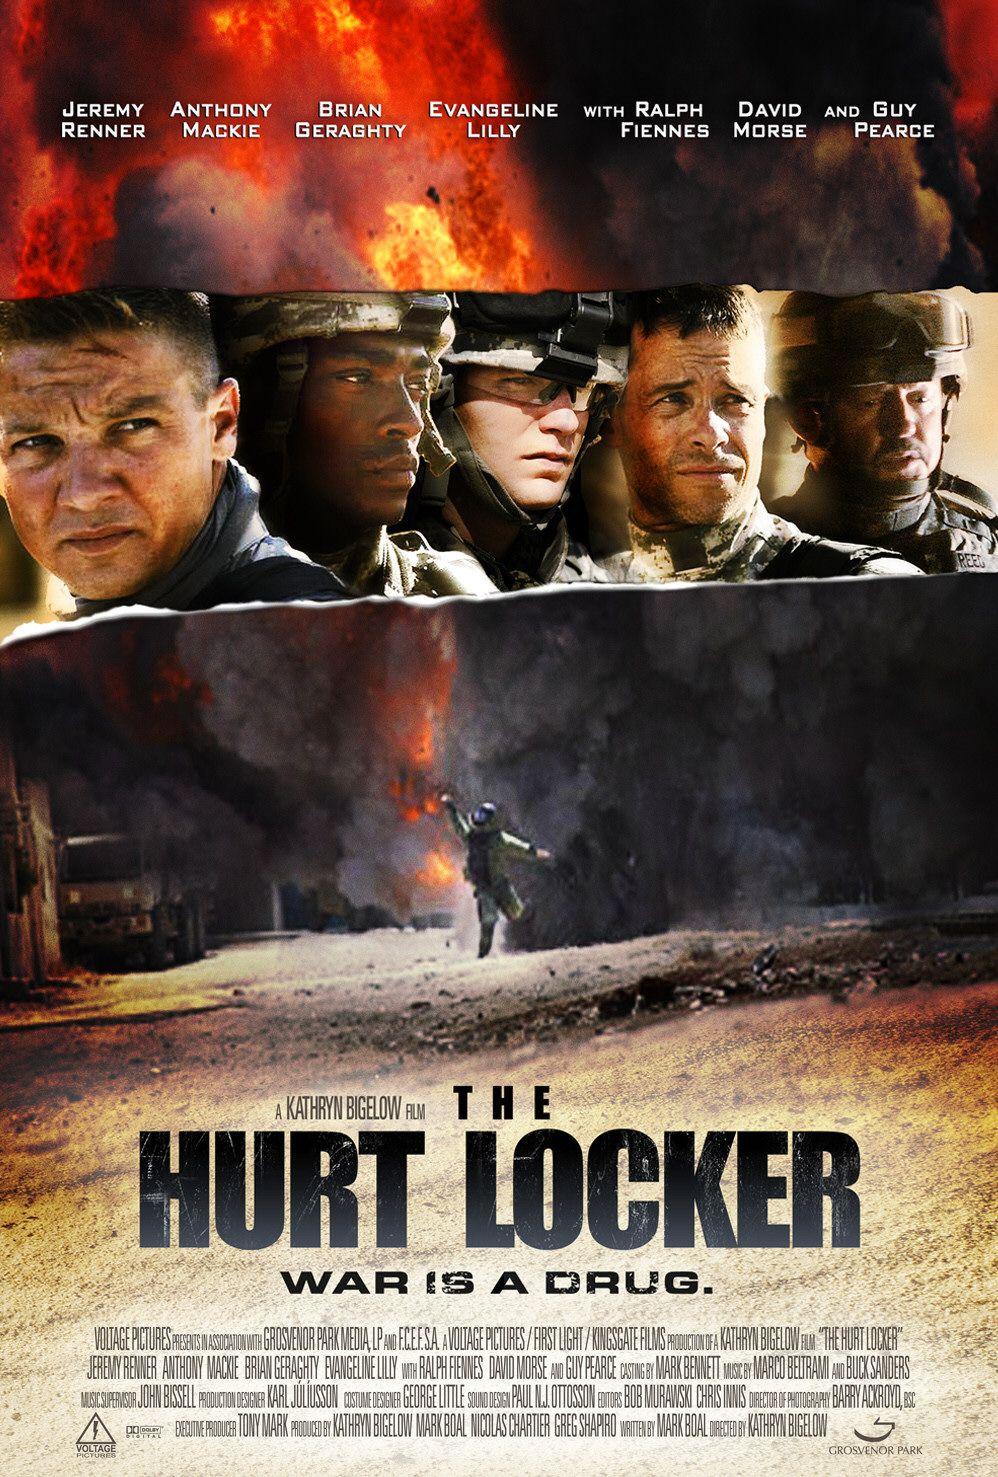 The Hurt Locker Poster 6 | Mr Movie Fiend's Movie Blog